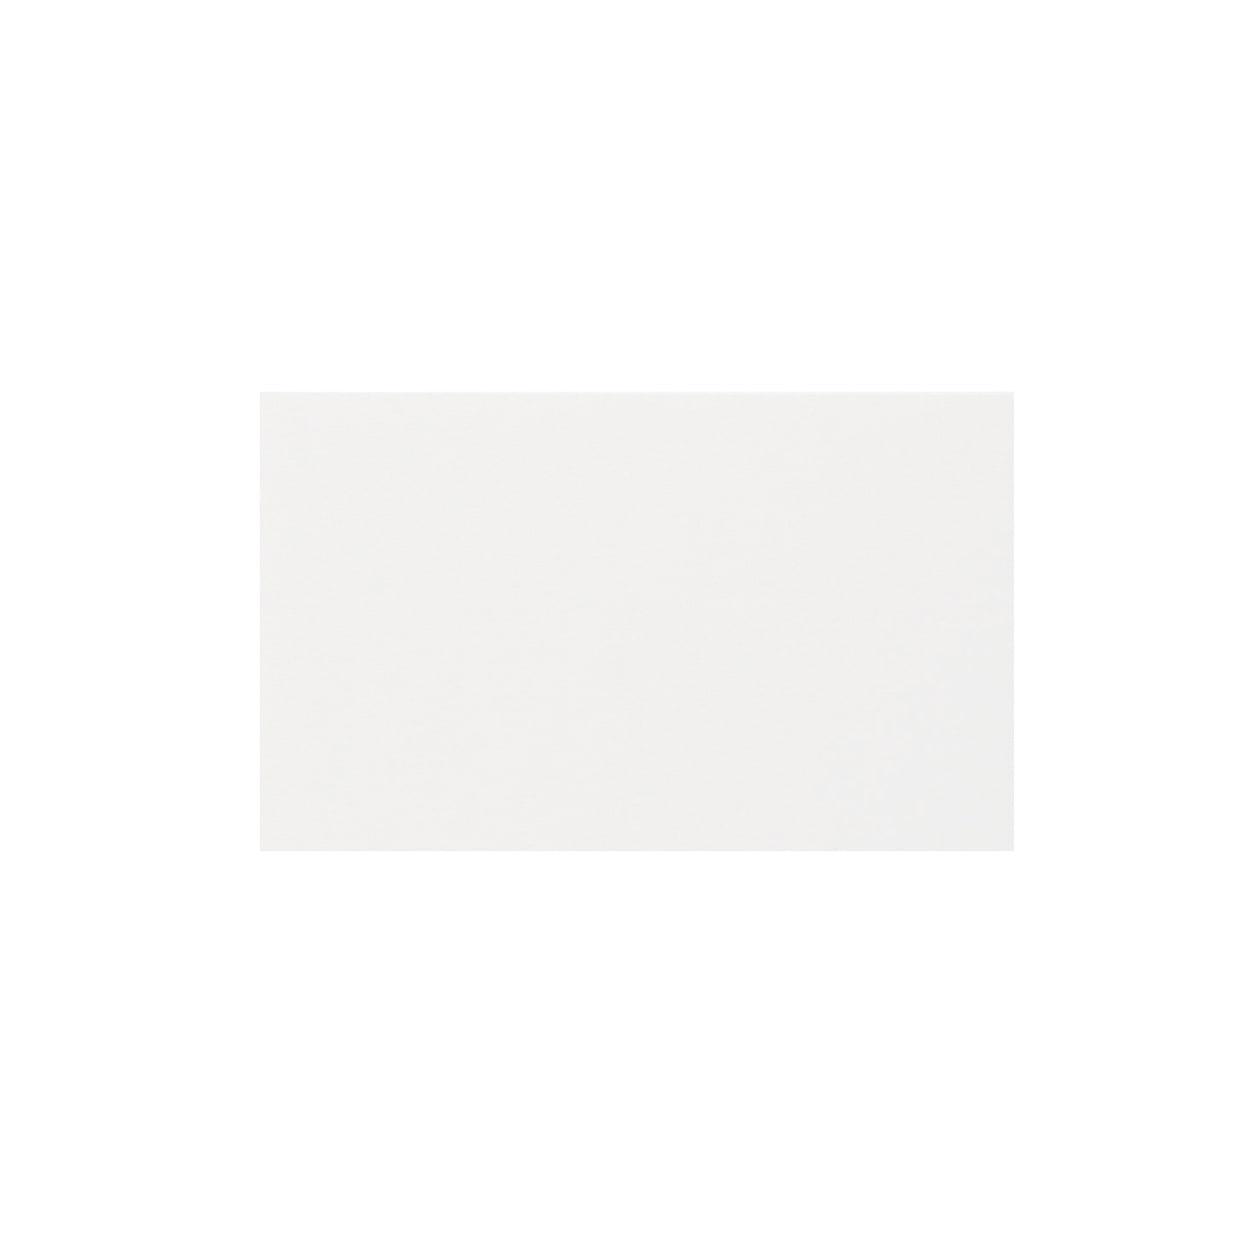 ネームカード キュリアススキン アイボリー 270g